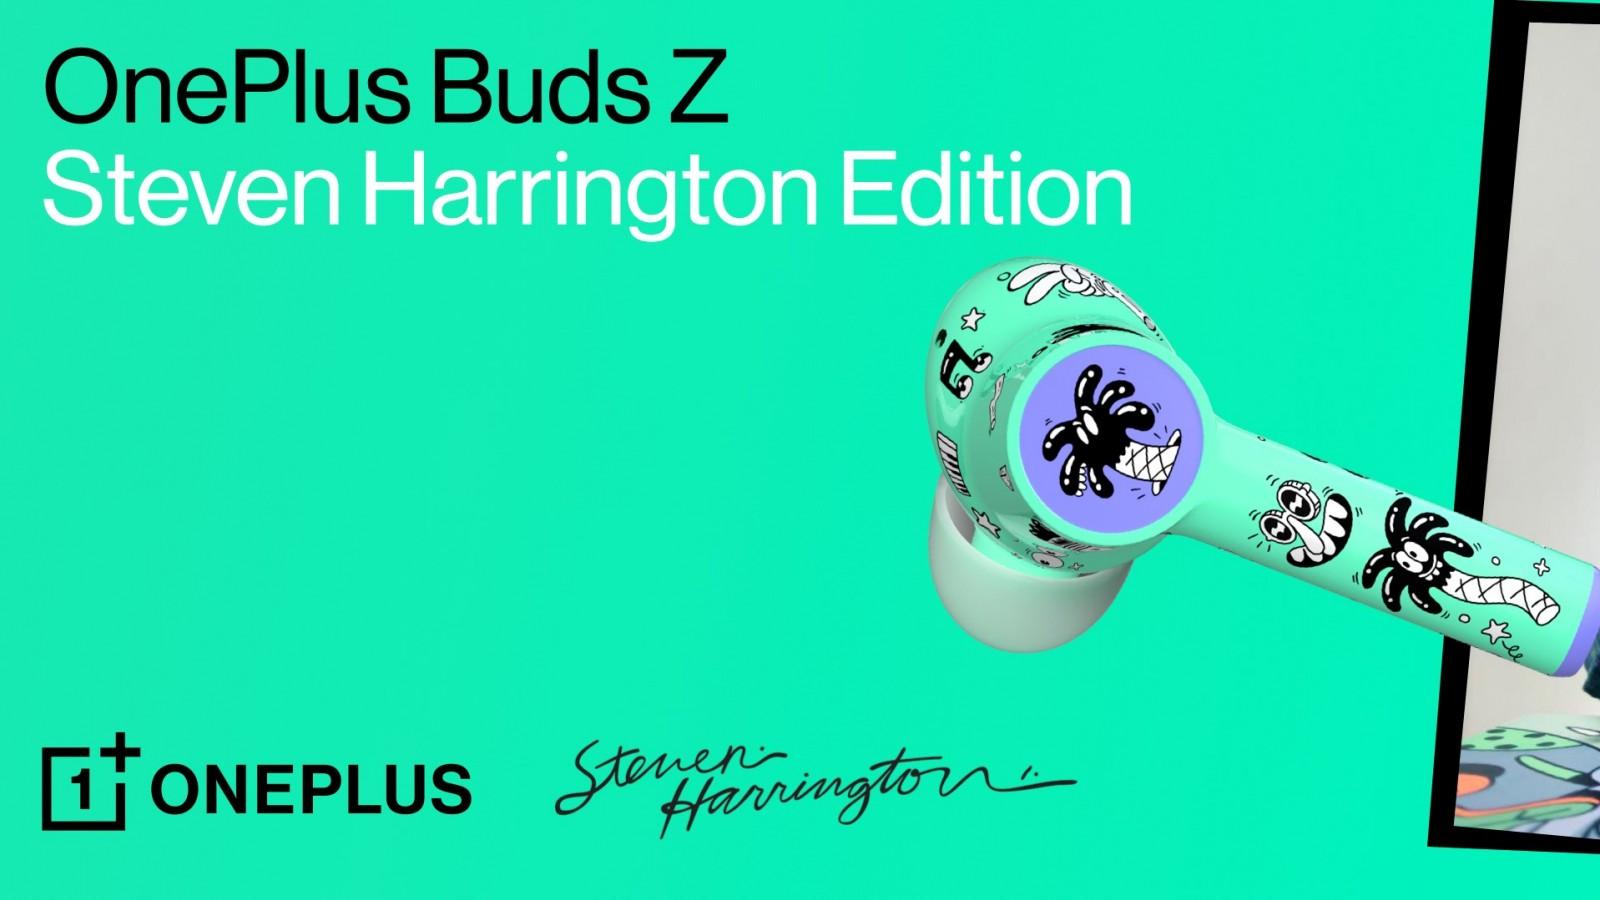 1602692234 88 OnePlus Buds Z TWS headphones with autonomy up to